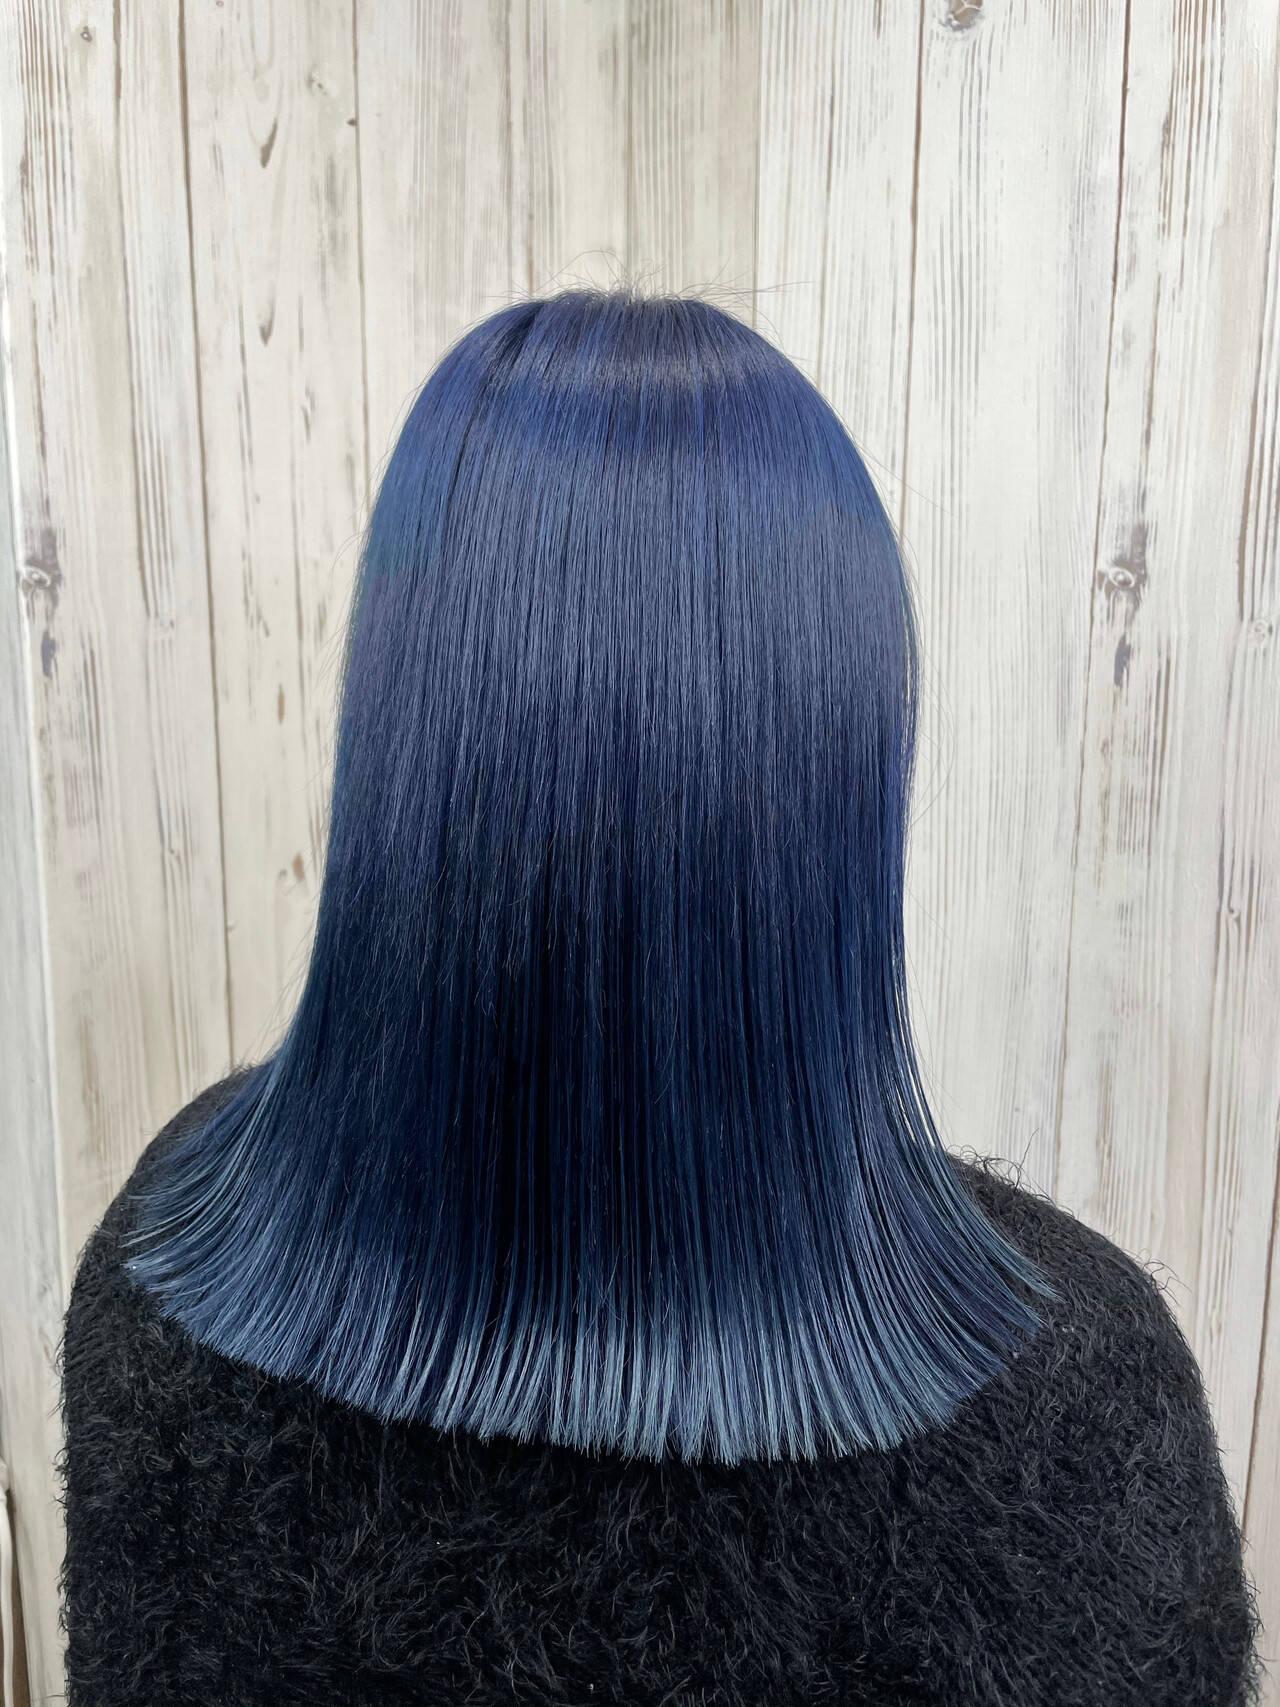 ブルー ミディアム 切りっぱなし 髪質改善トリートメントヘアスタイルや髪型の写真・画像